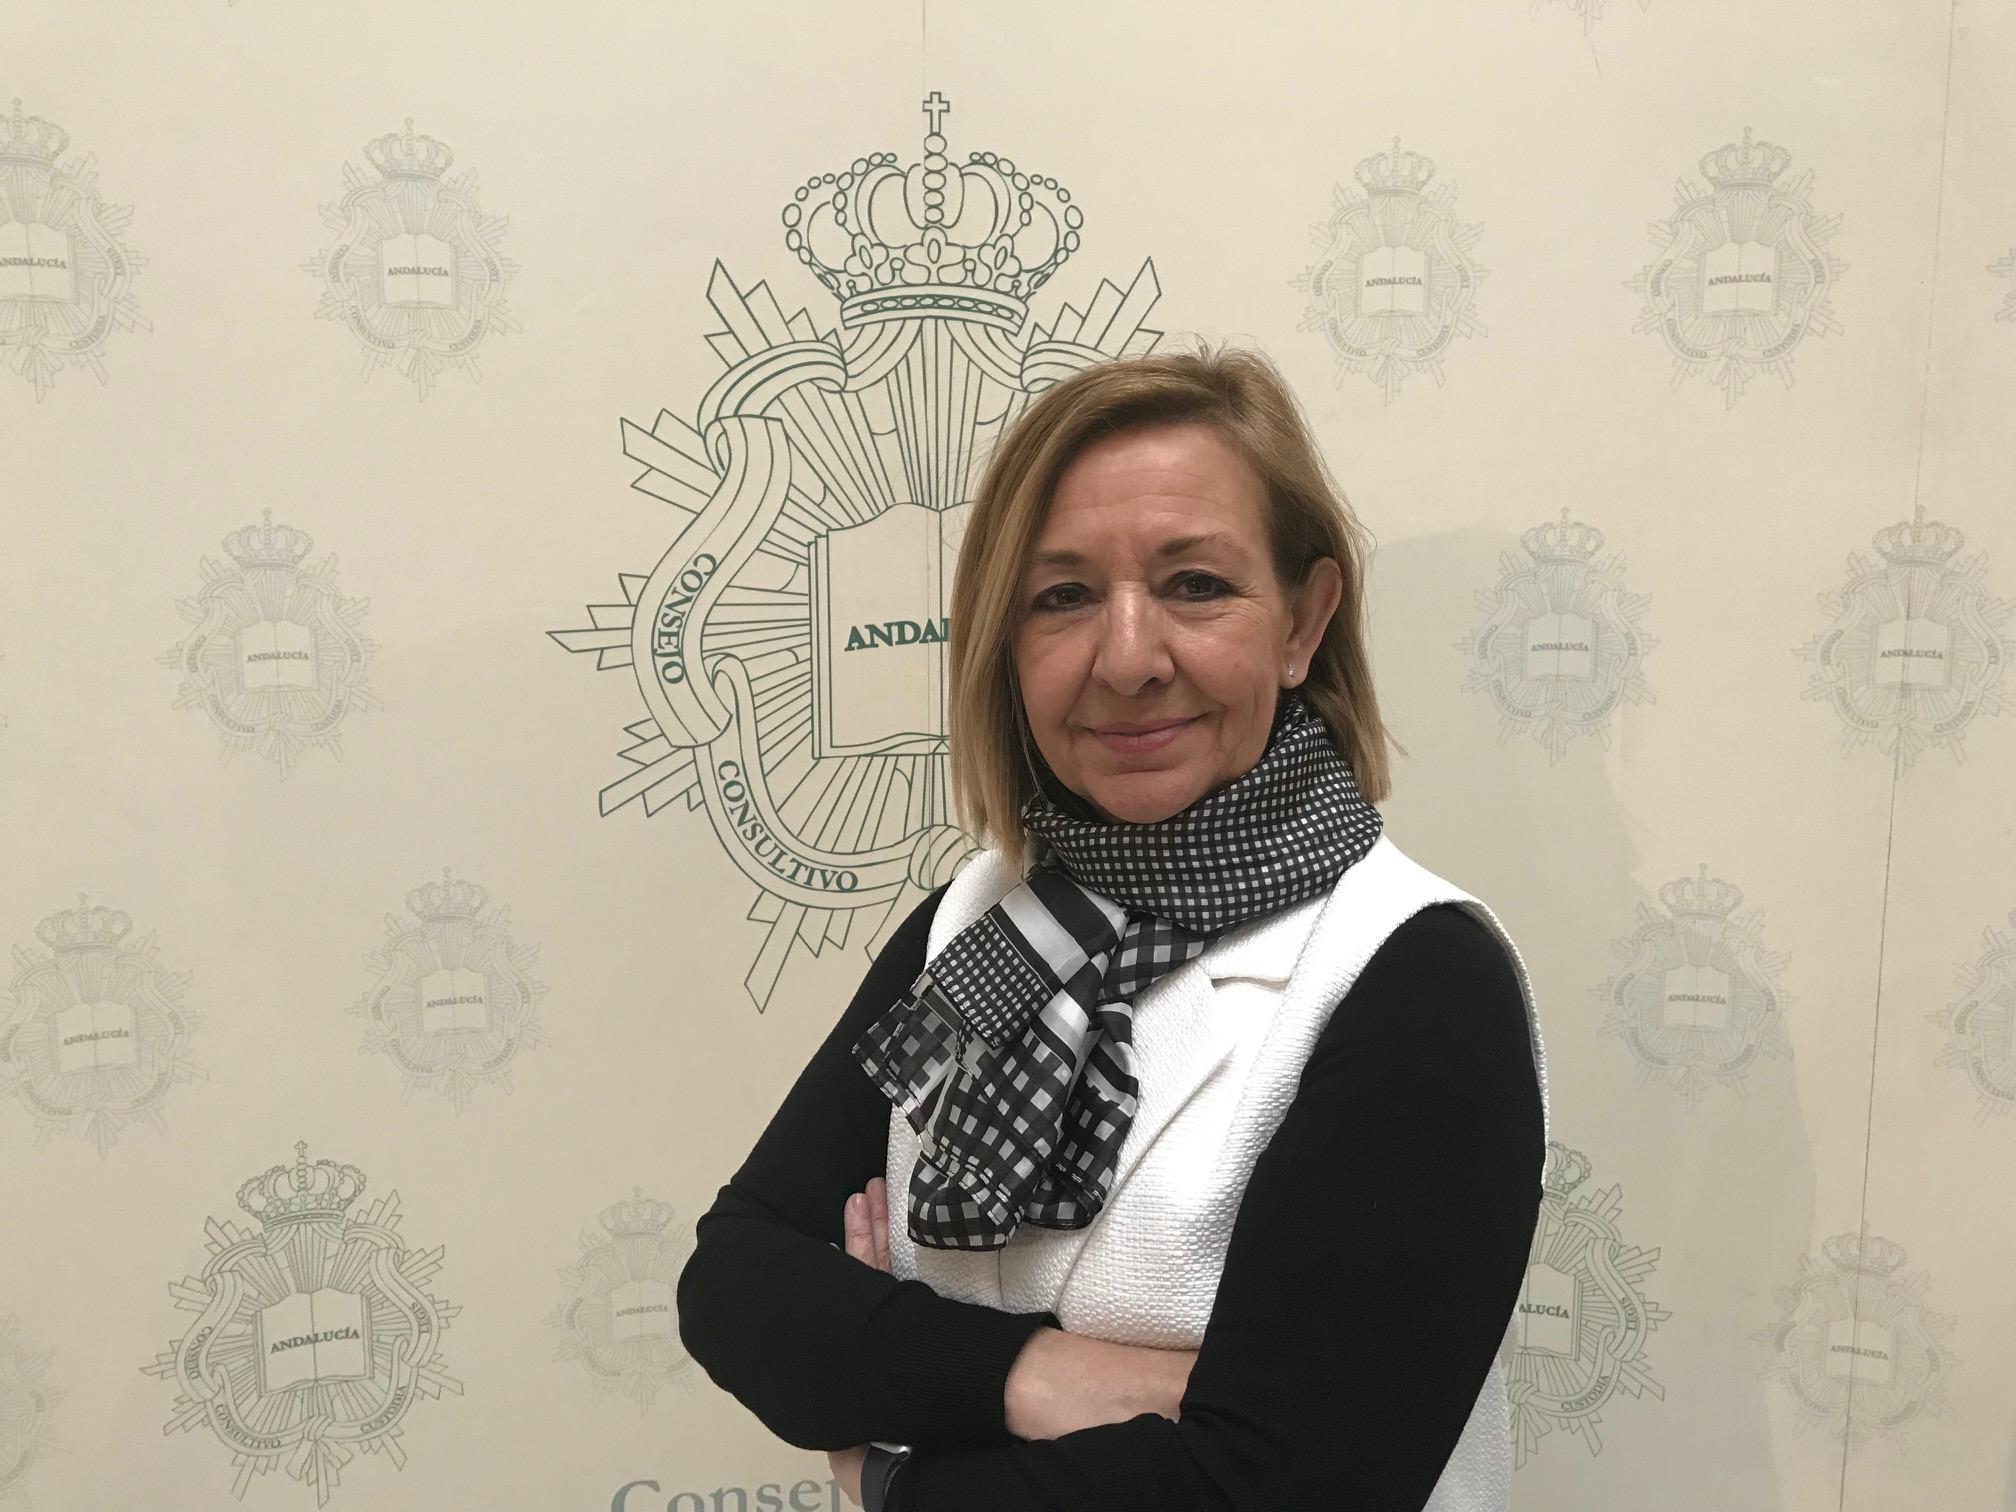 Ana Canizares